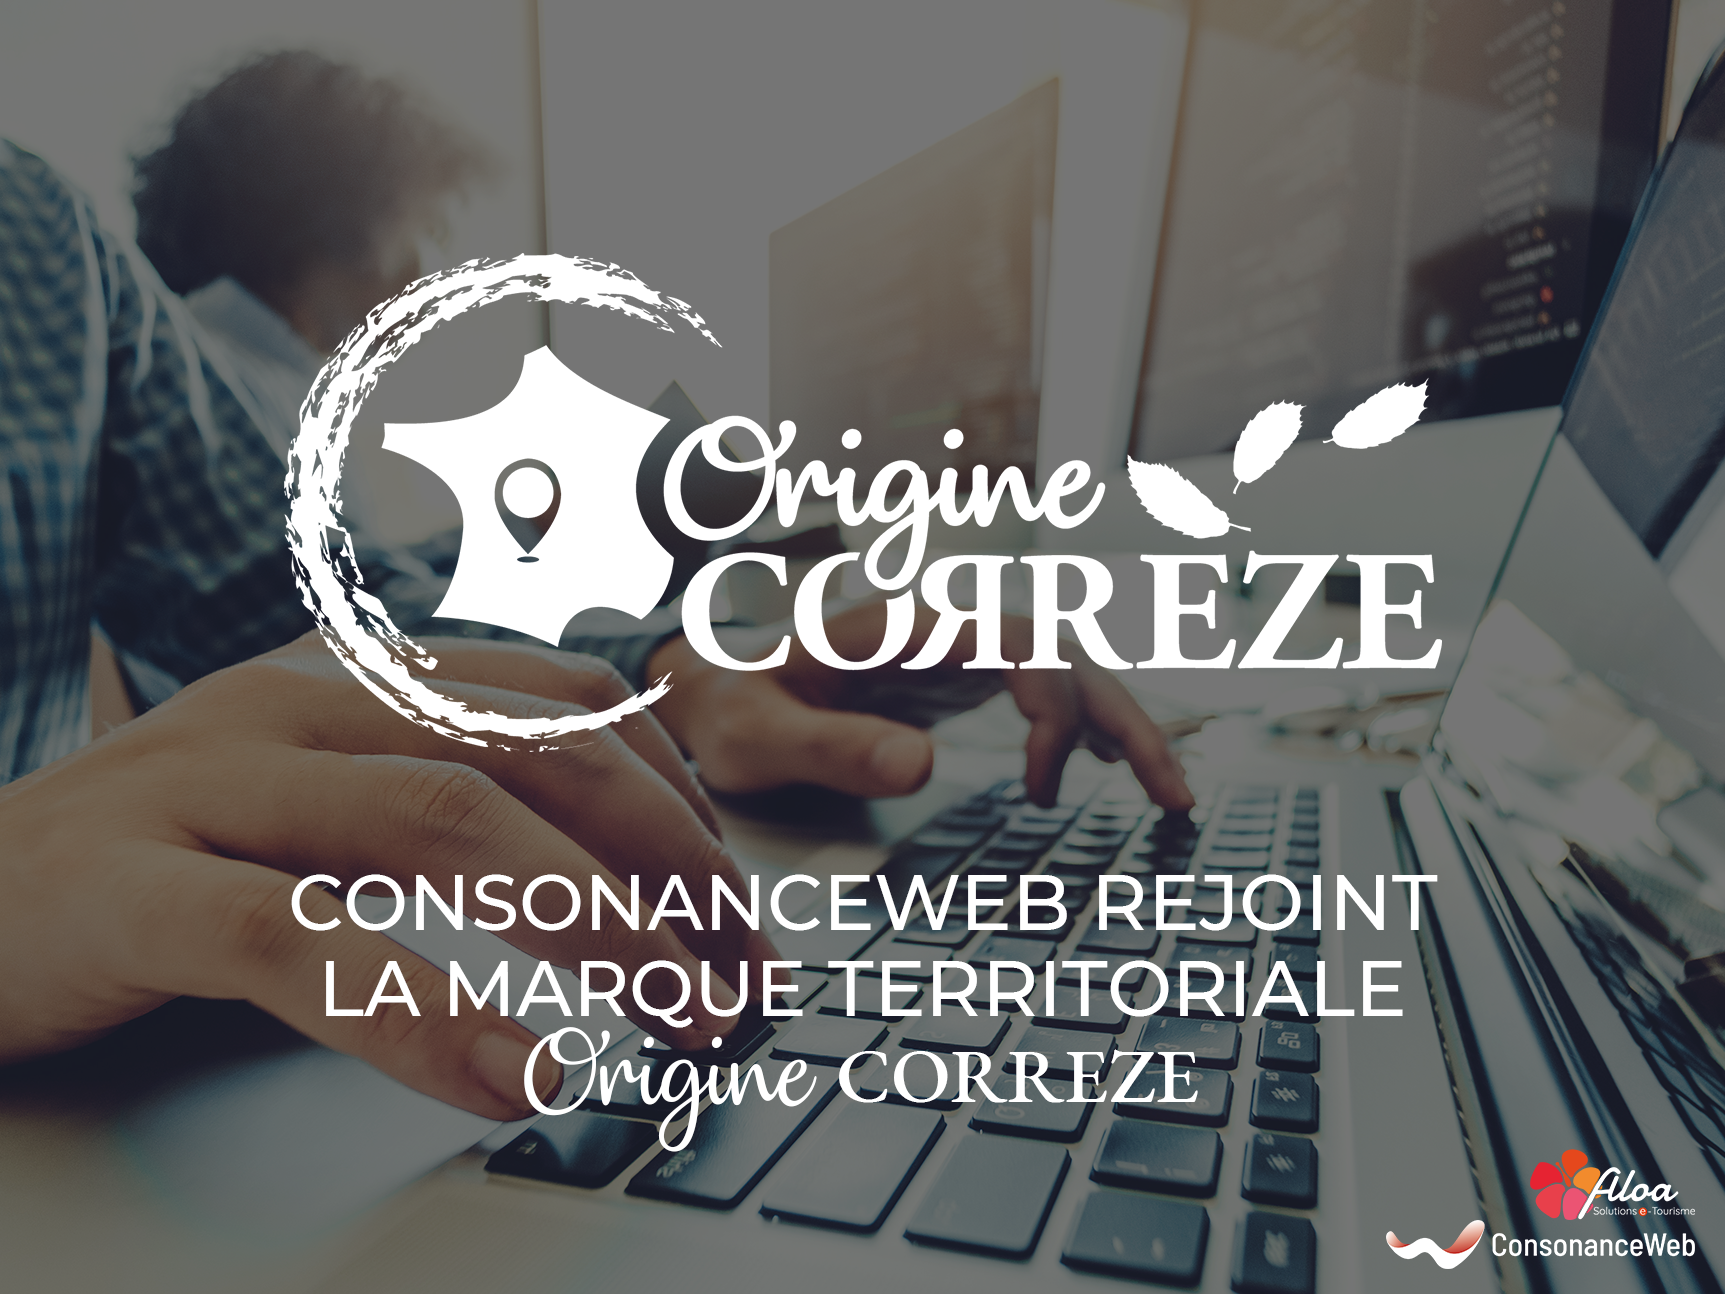 ConsonanceWeb et Aloa deviennent ambassadeurs de la marque Origine Corrèze